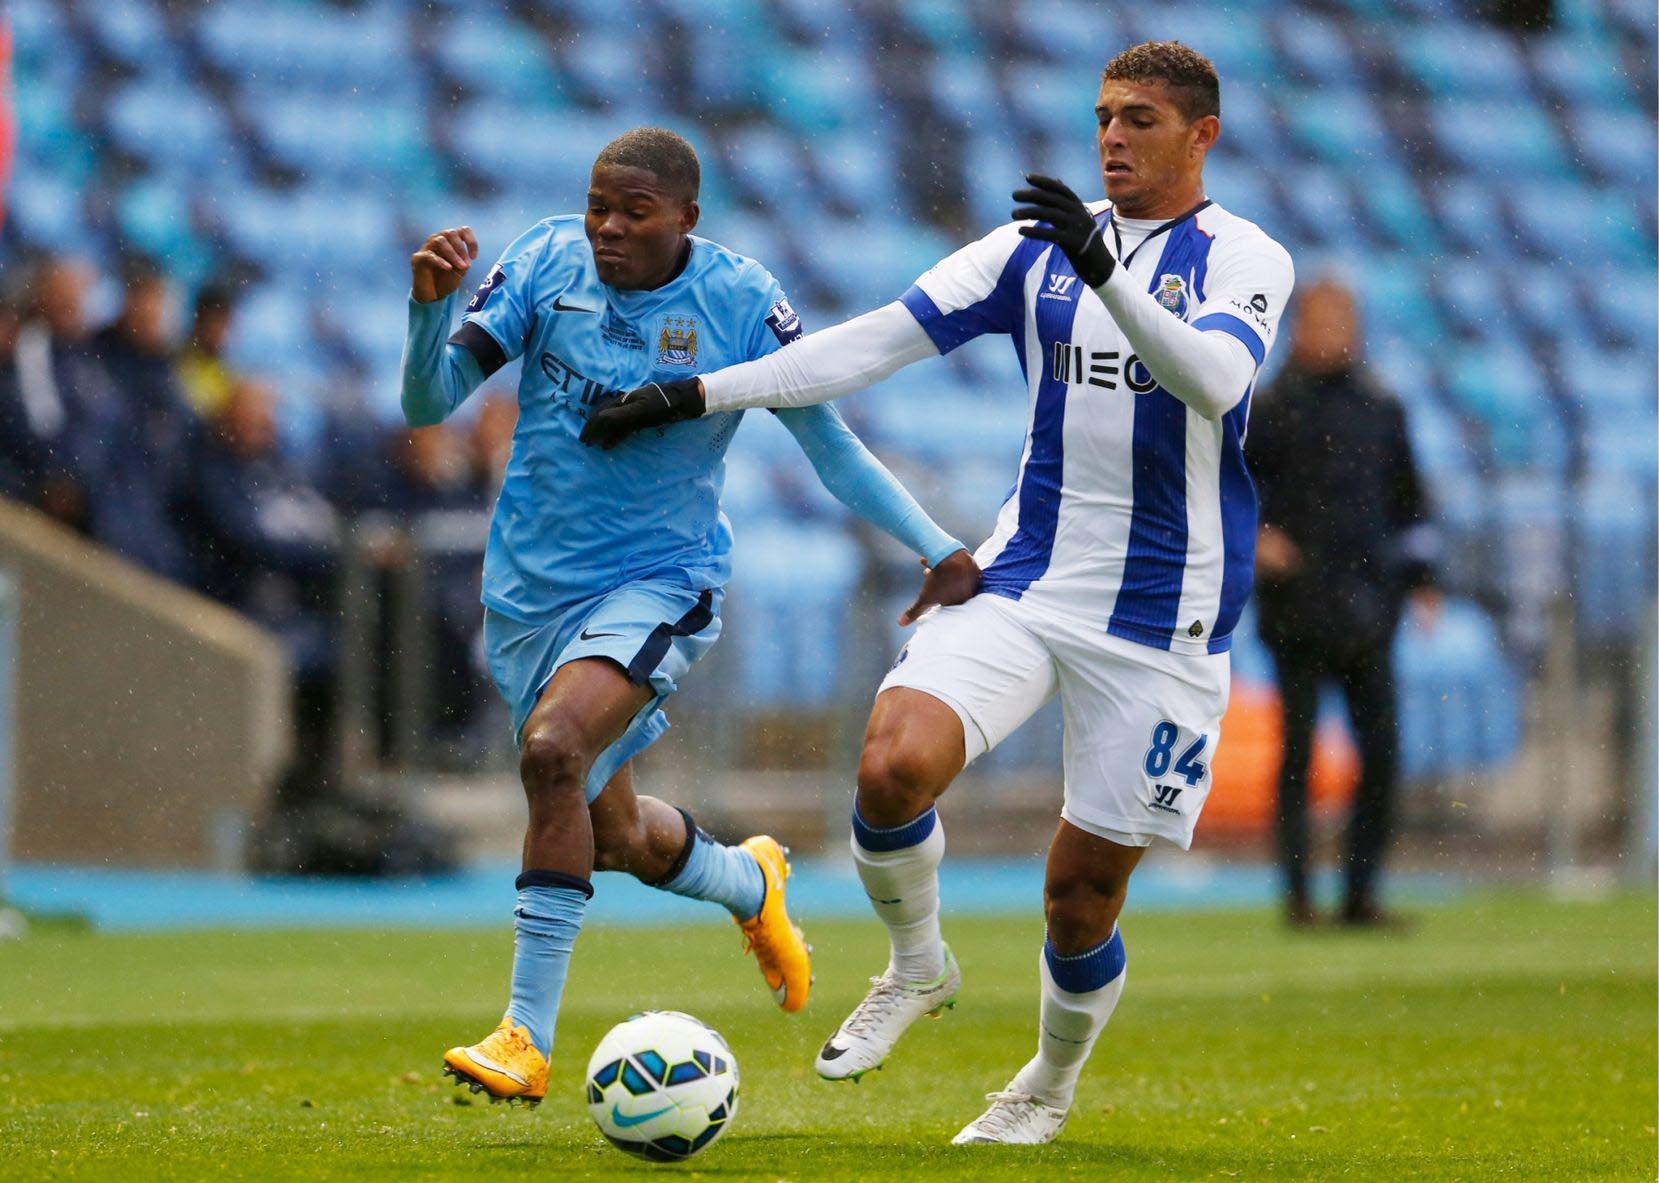 Nhận định Man City vs Porto, 02h00 ngày 22/10, Cúp C1 châu Âu